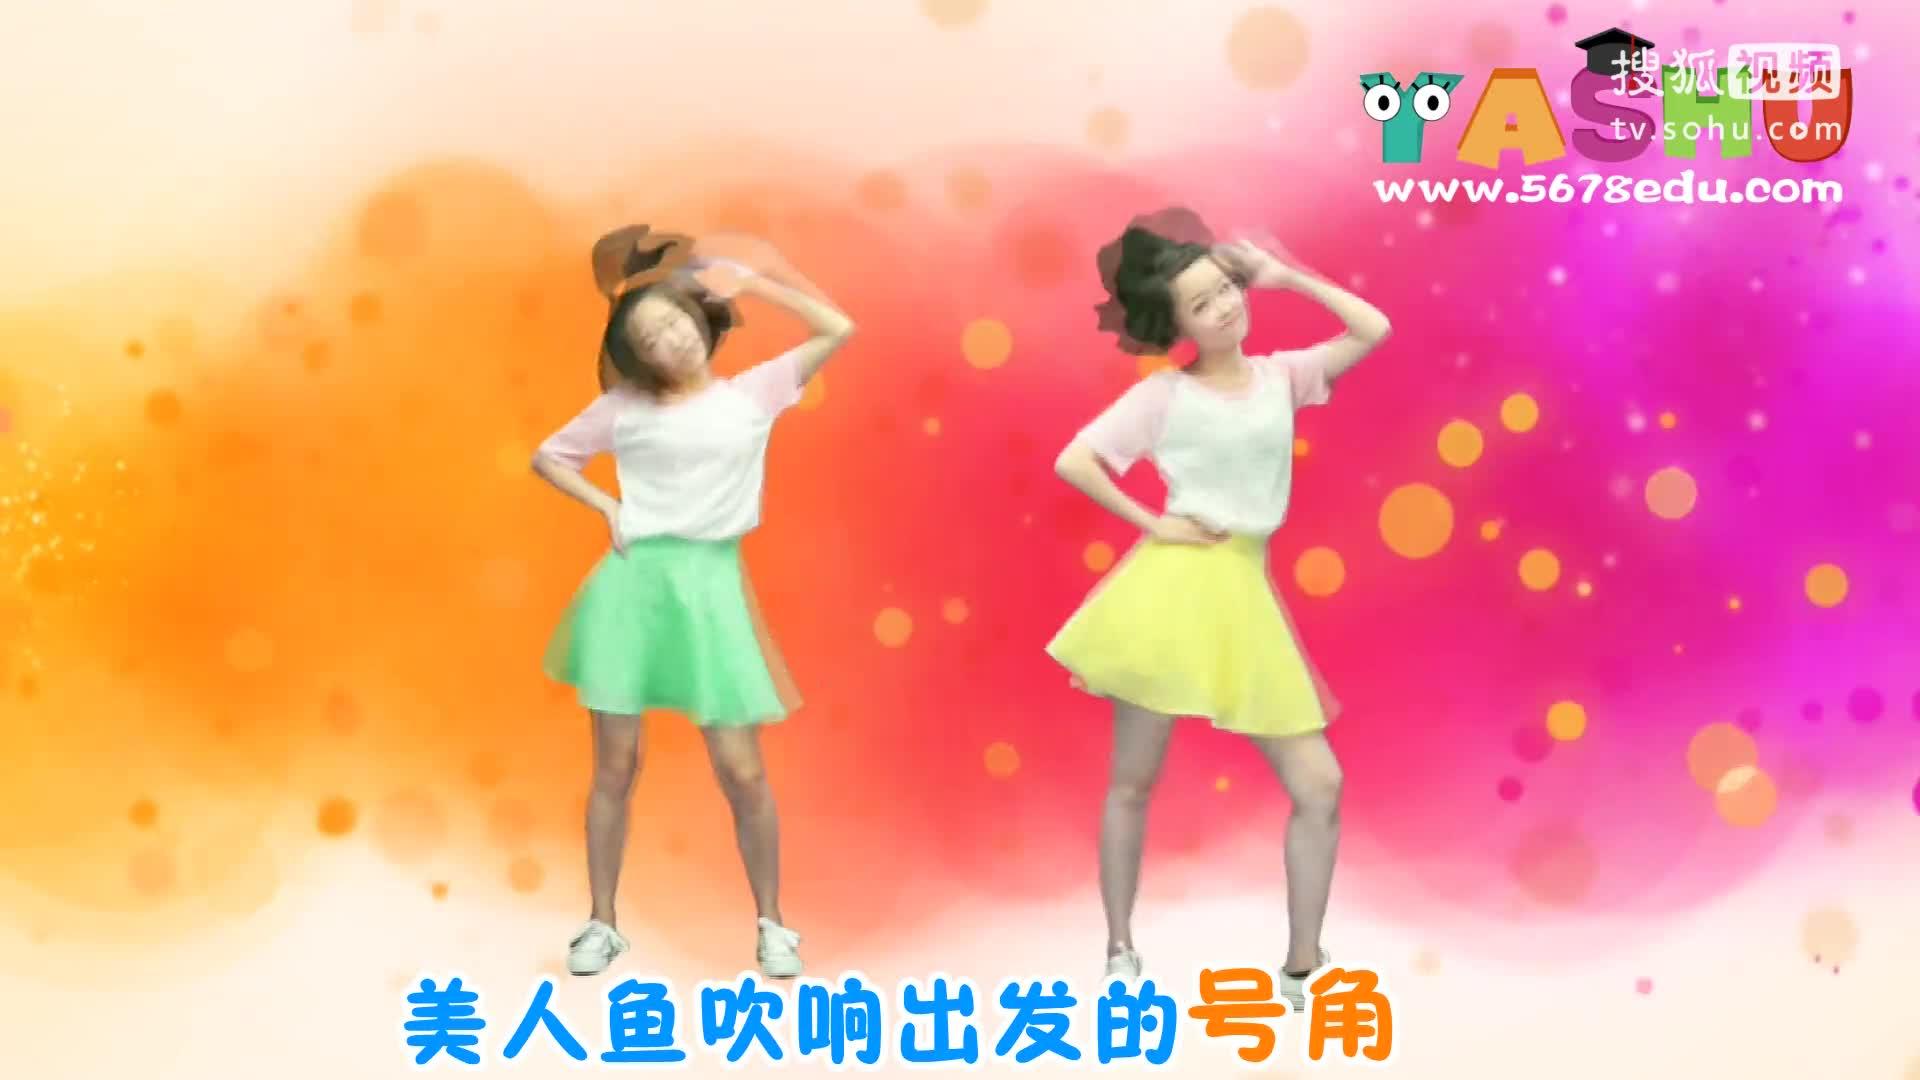 《加加油》原创视频 儿童舞蹈 幼儿舞蹈 少儿歌曲 教育视频 宝宝舞蹈